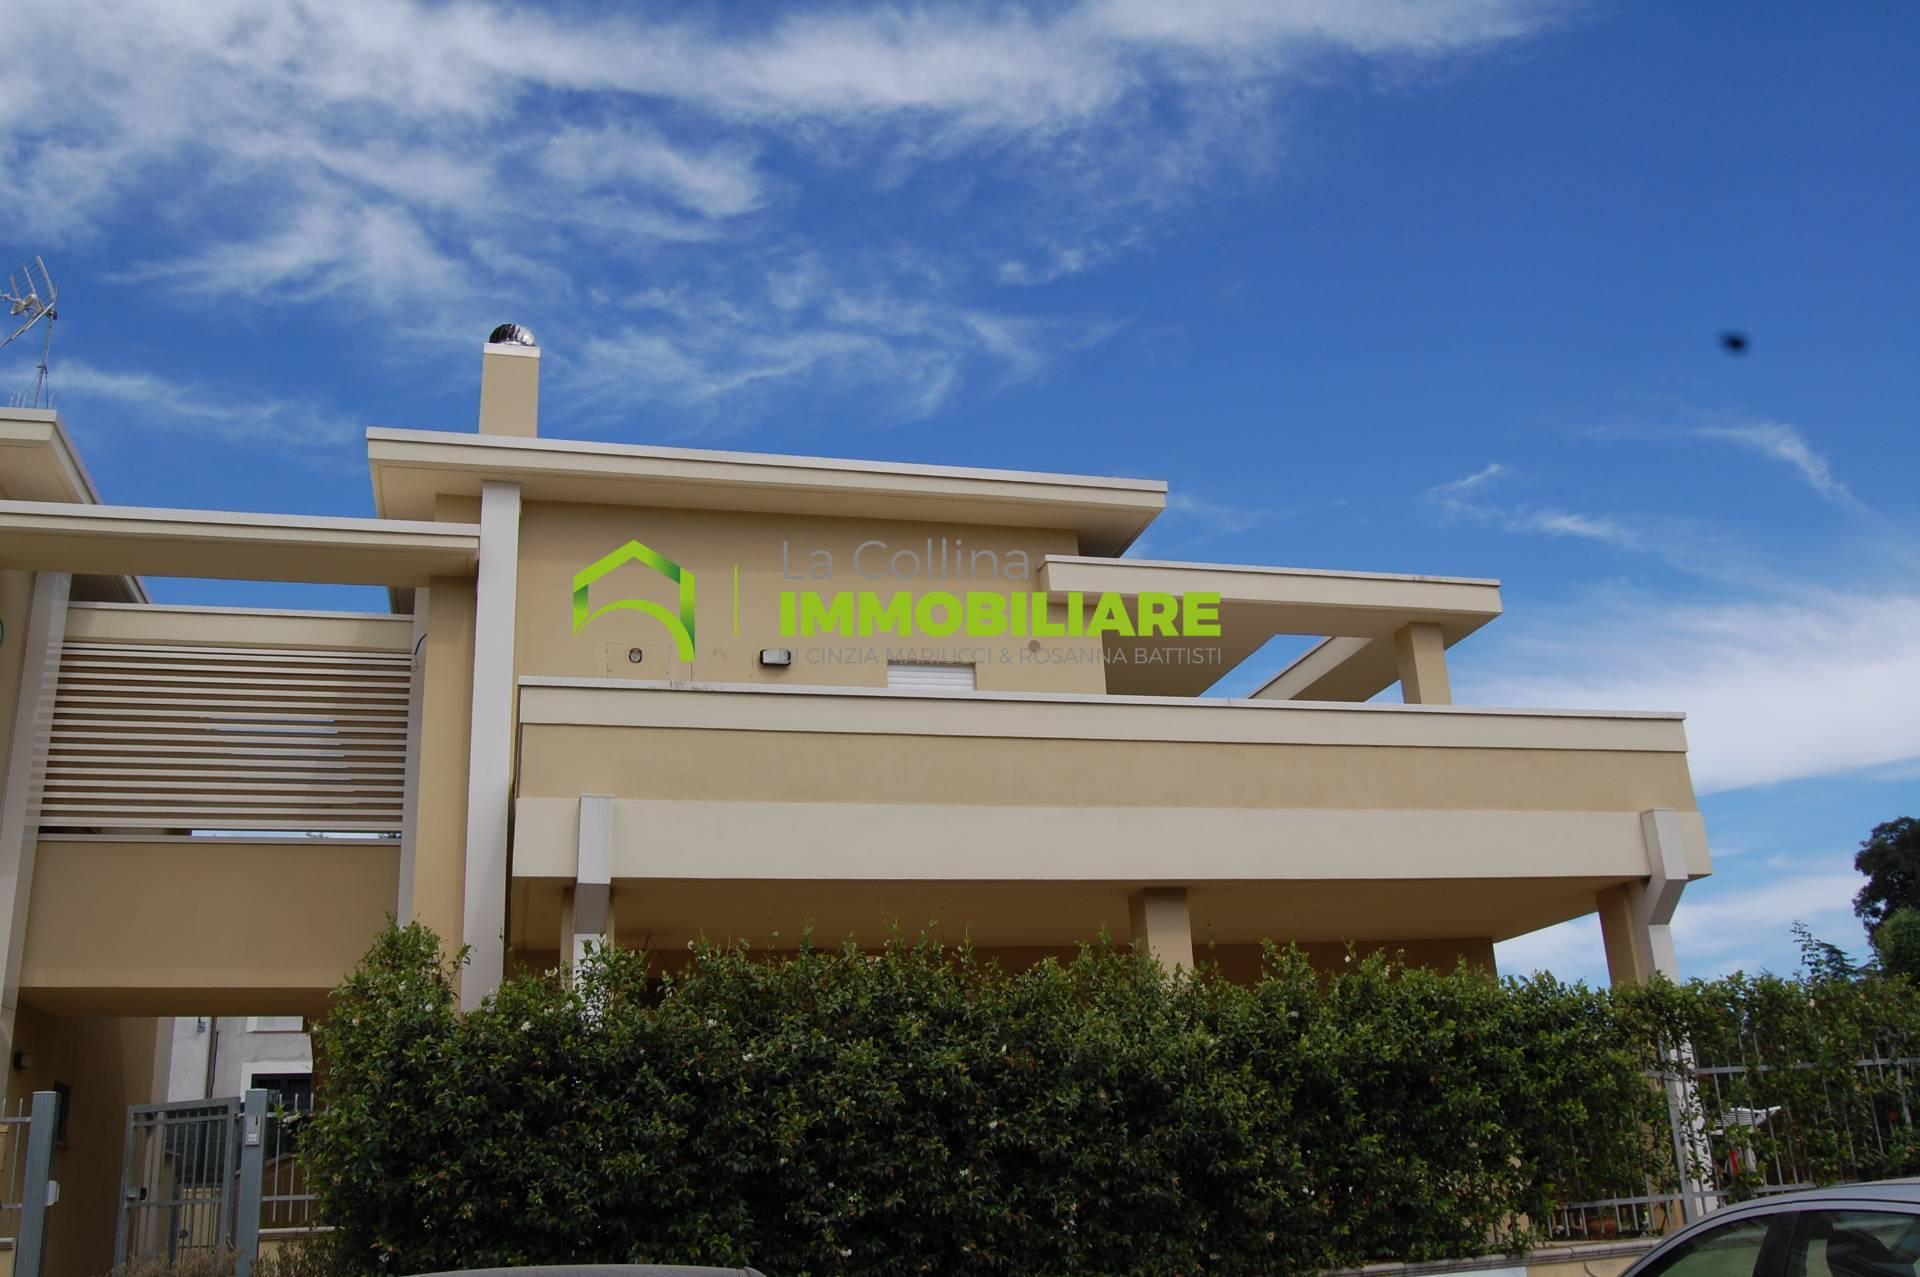 Appartamento in vendita a Cisterna di Latina, 3 locali, prezzo € 130.000 | PortaleAgenzieImmobiliari.it